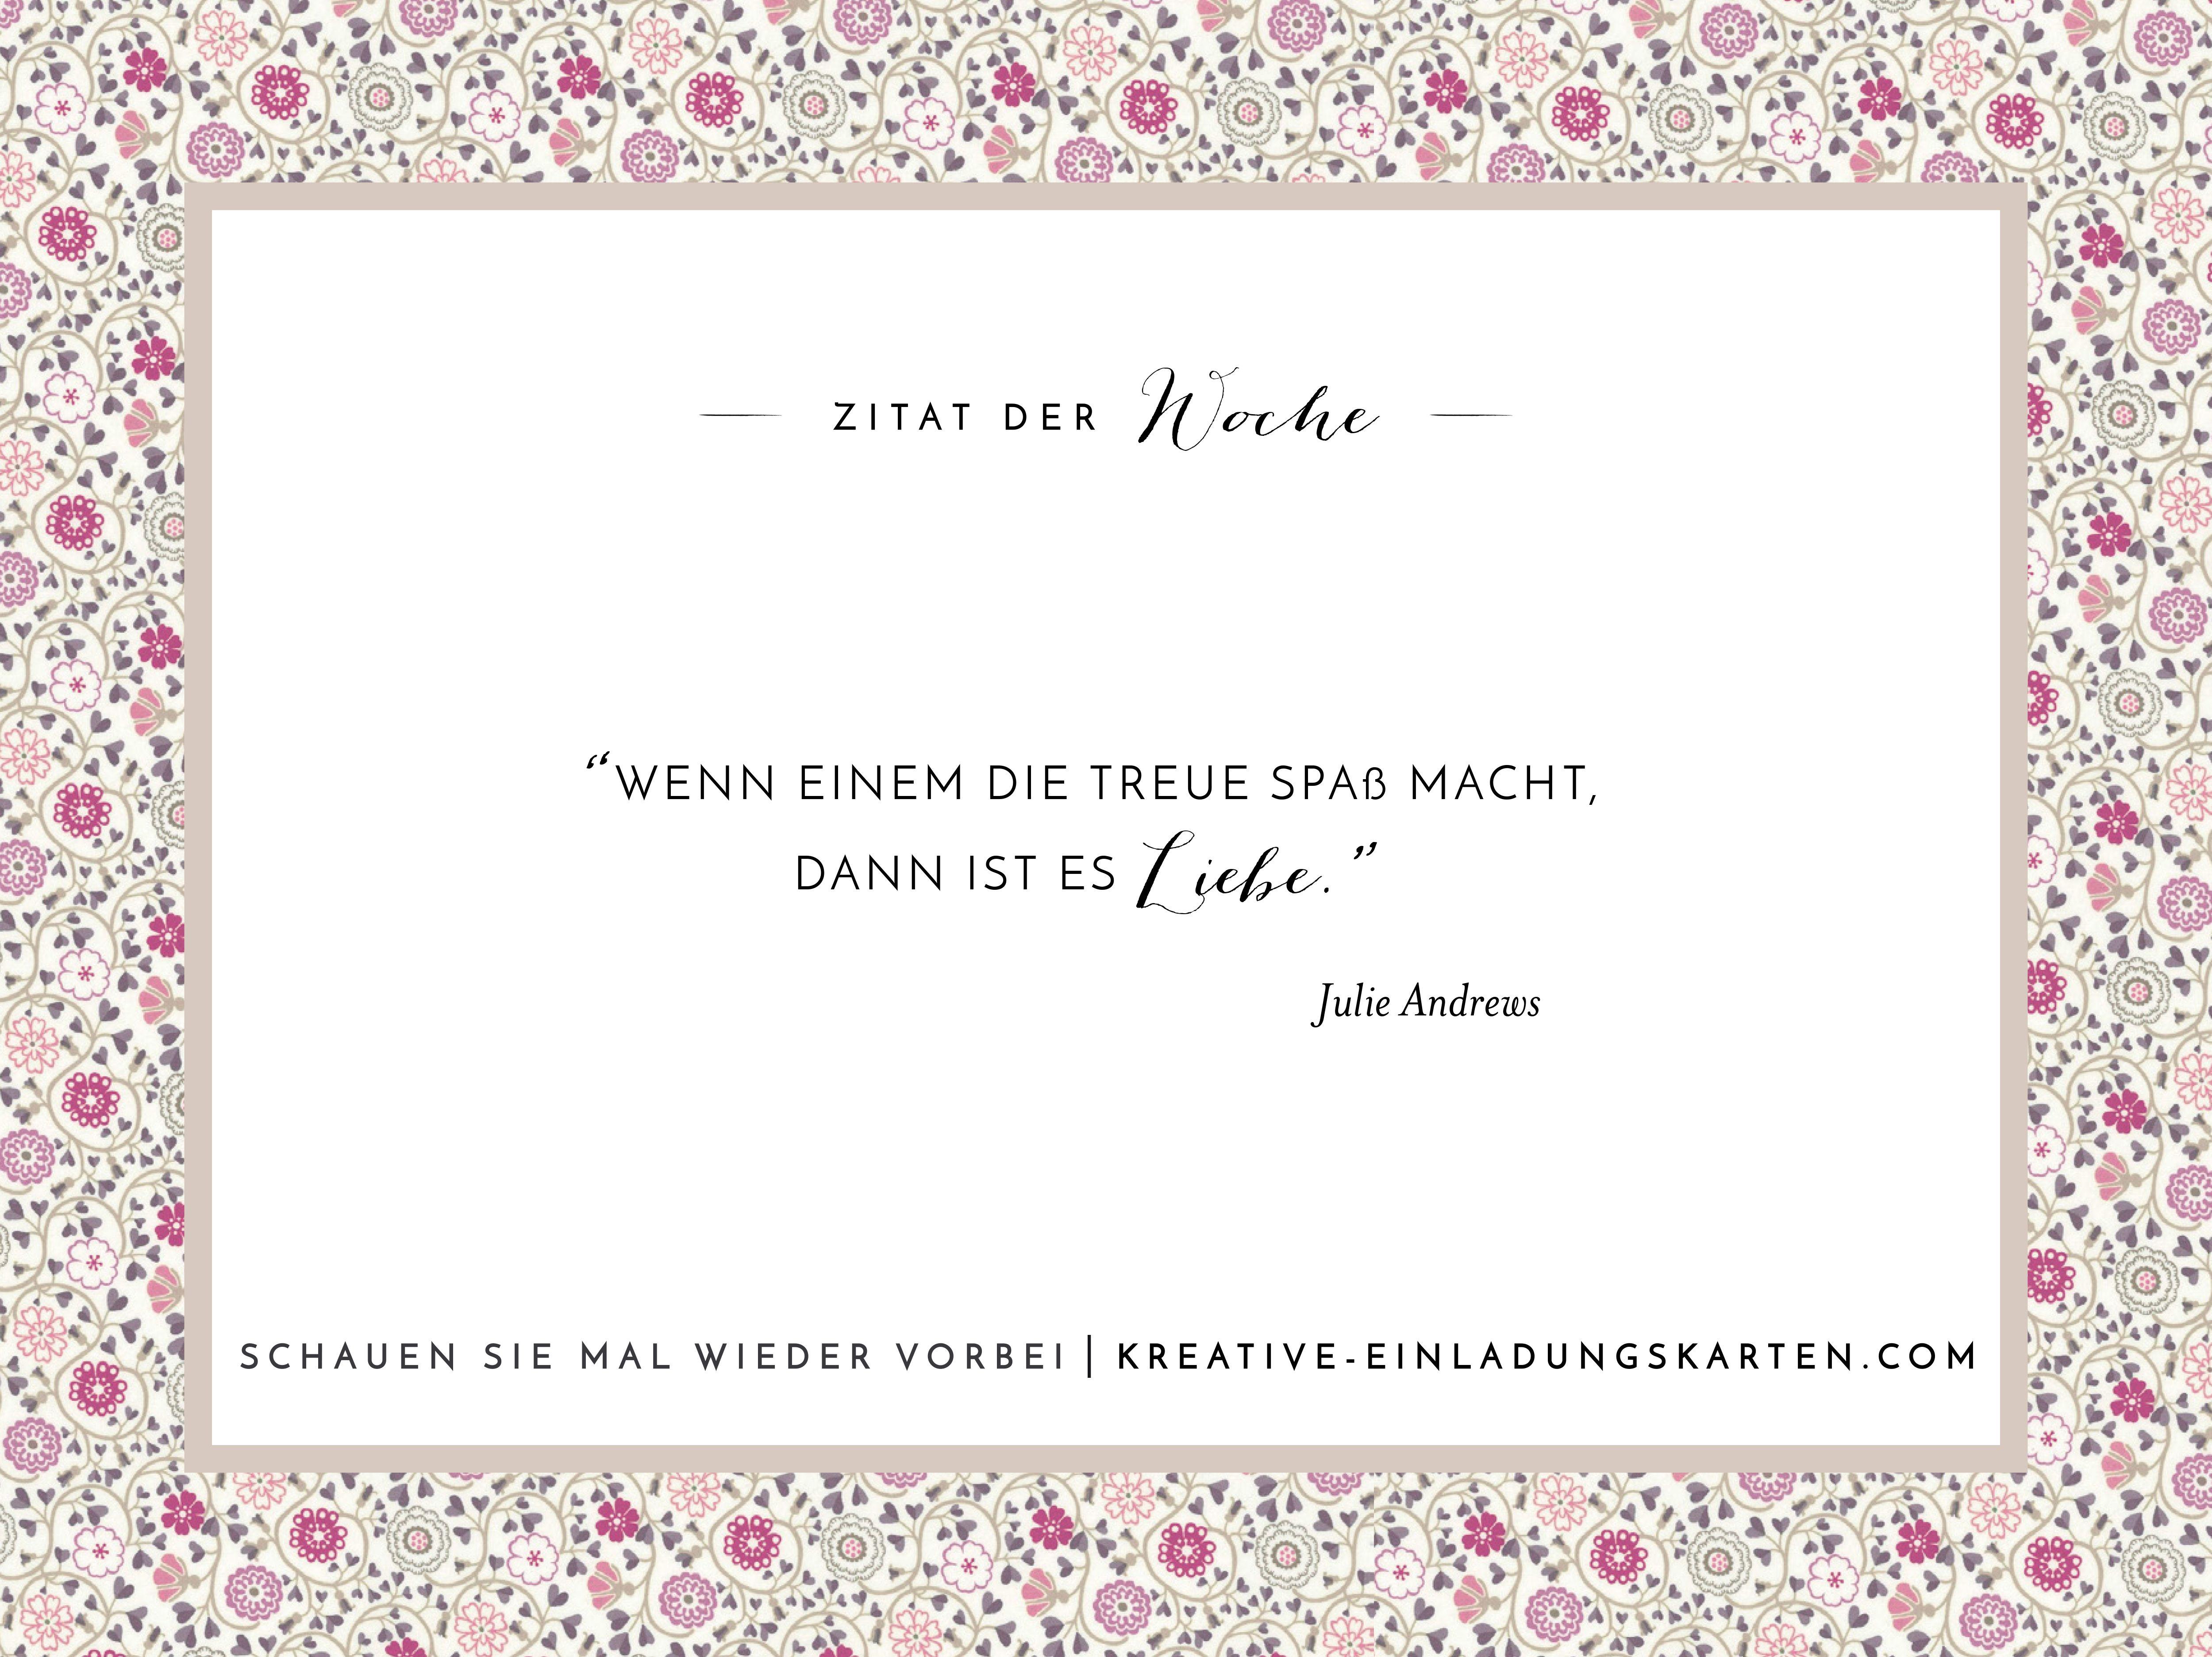 Wunderschöne Hochzeitseinladungen U2013 So Einzigartig Wie Ihr Anlass.  Ausgefallene Designs, Passende Papeterieartikel, Gratis Musterkarten.